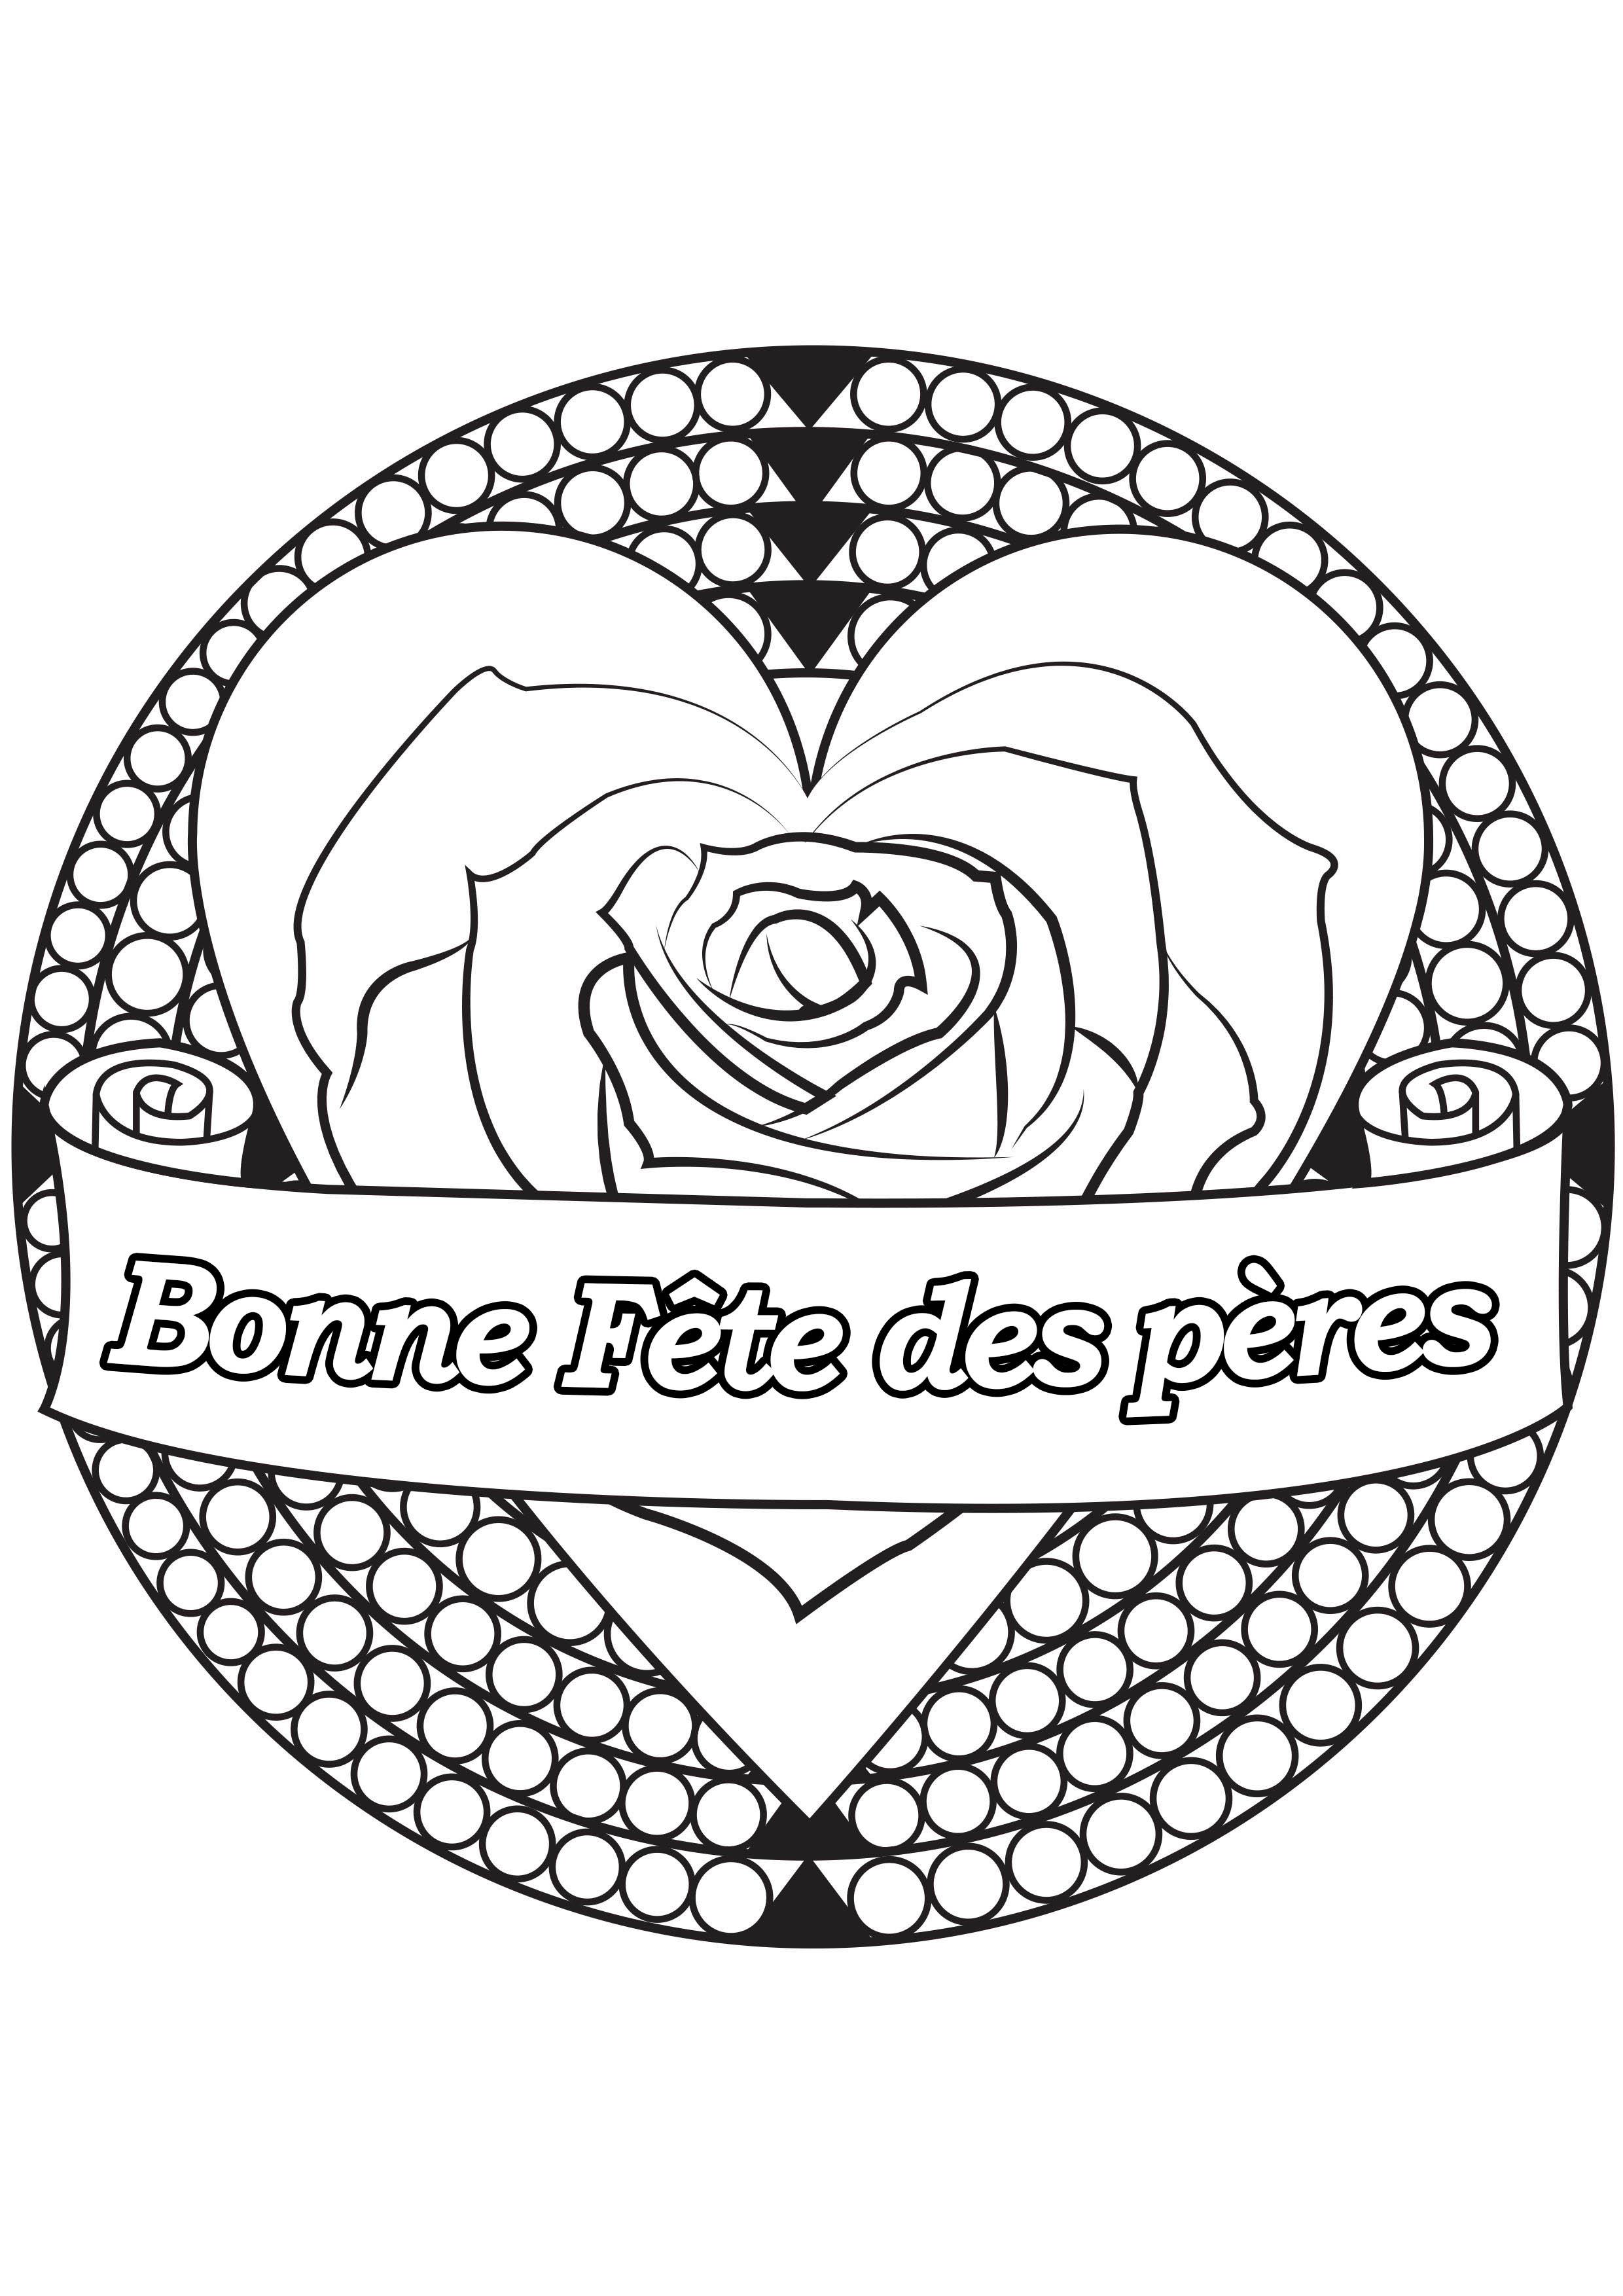 Coloriage spécial Fête des pères : Coeur & rose - 2